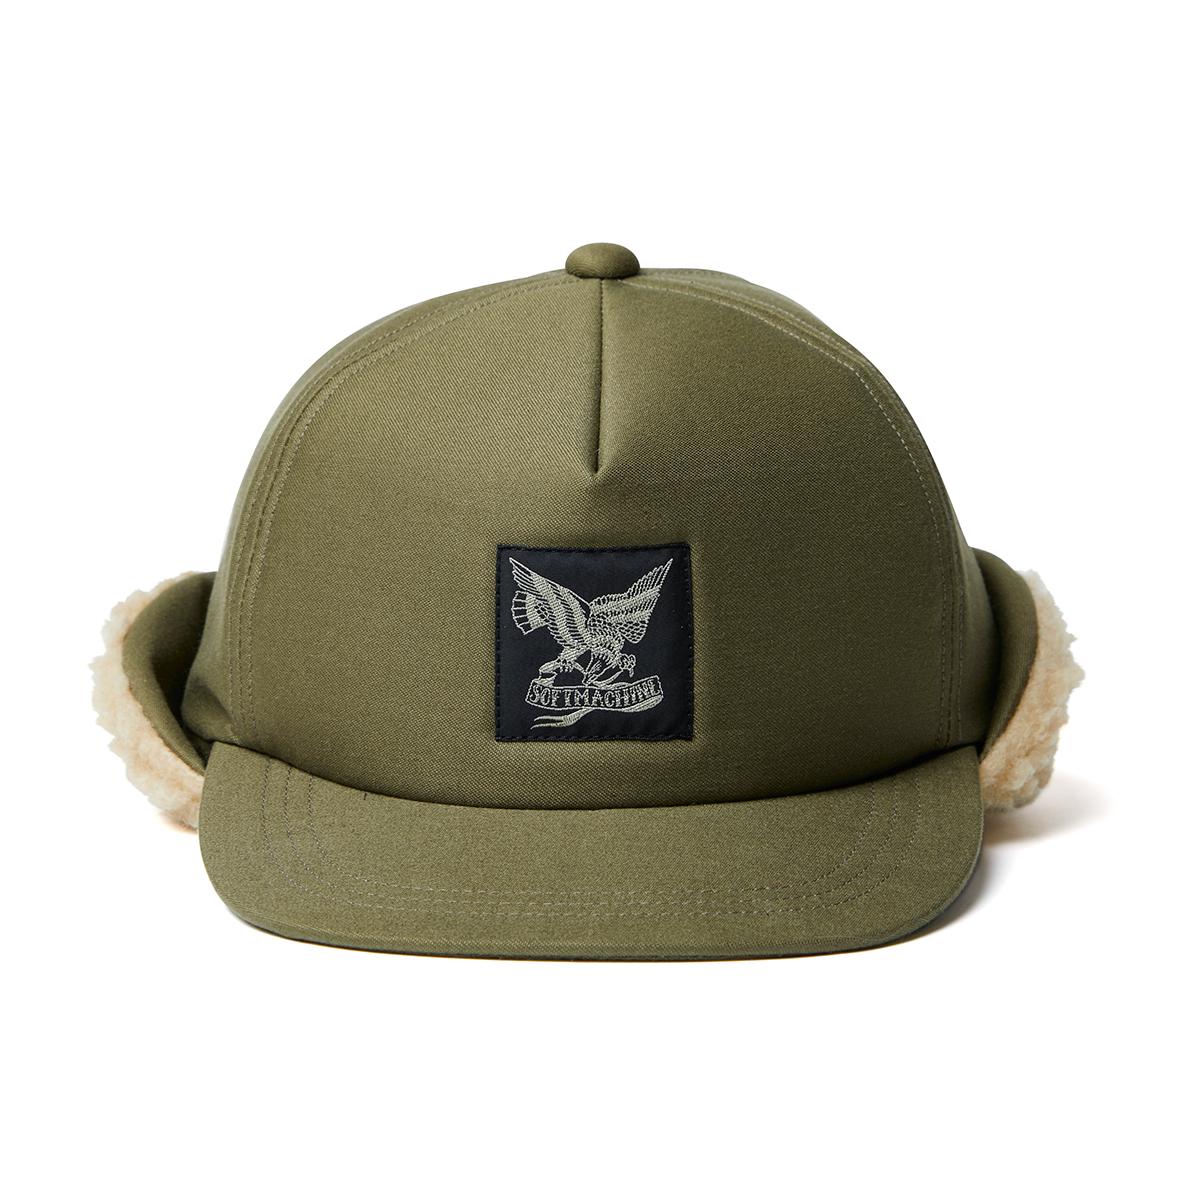 FLIGATE CAP